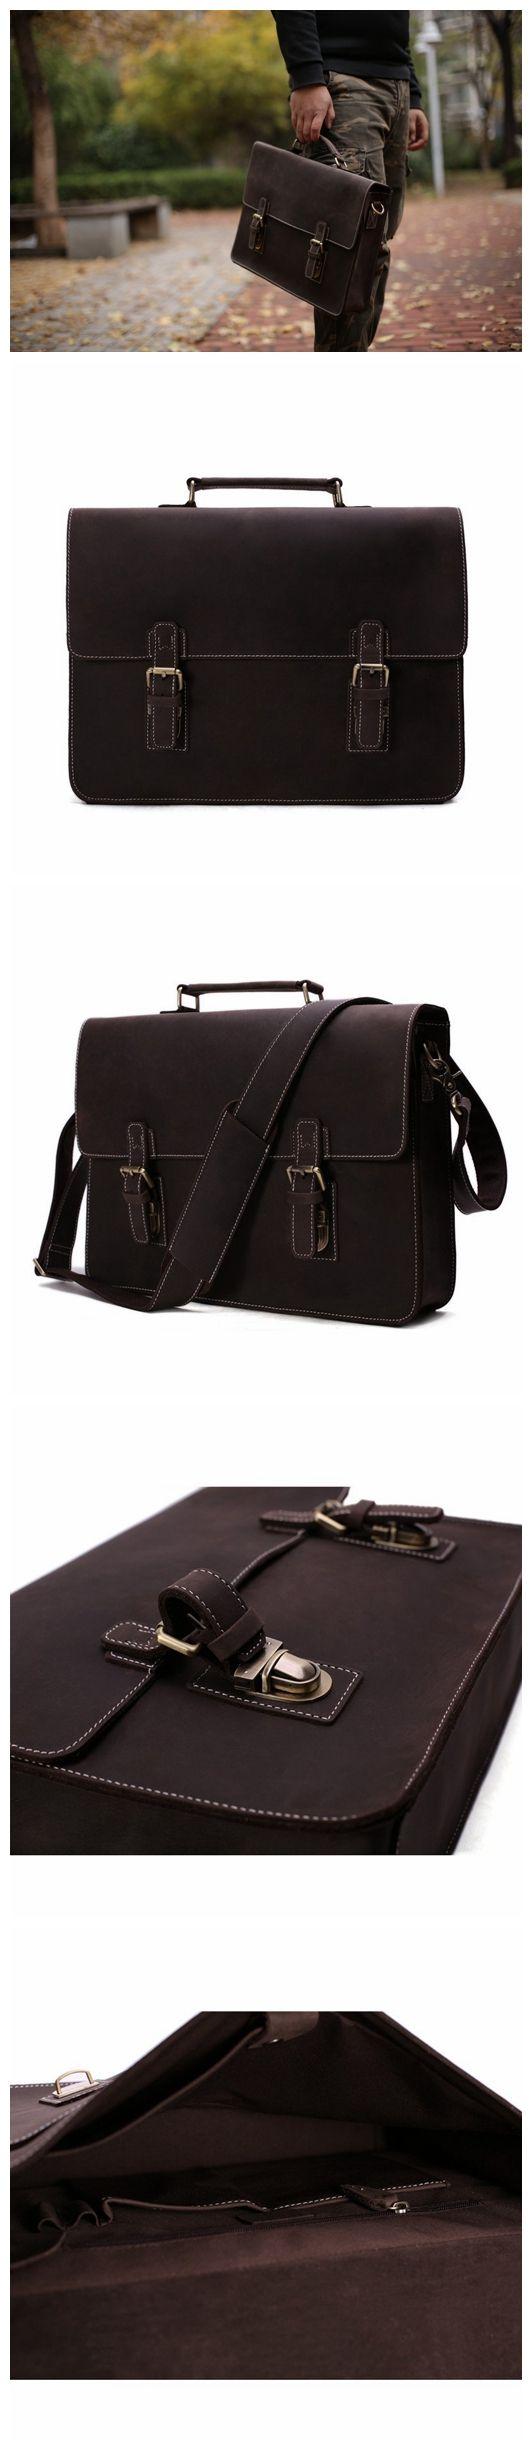 Vintage Crazy Horse Leather Briefcase Messenger Bag Laptop Bag 7035W